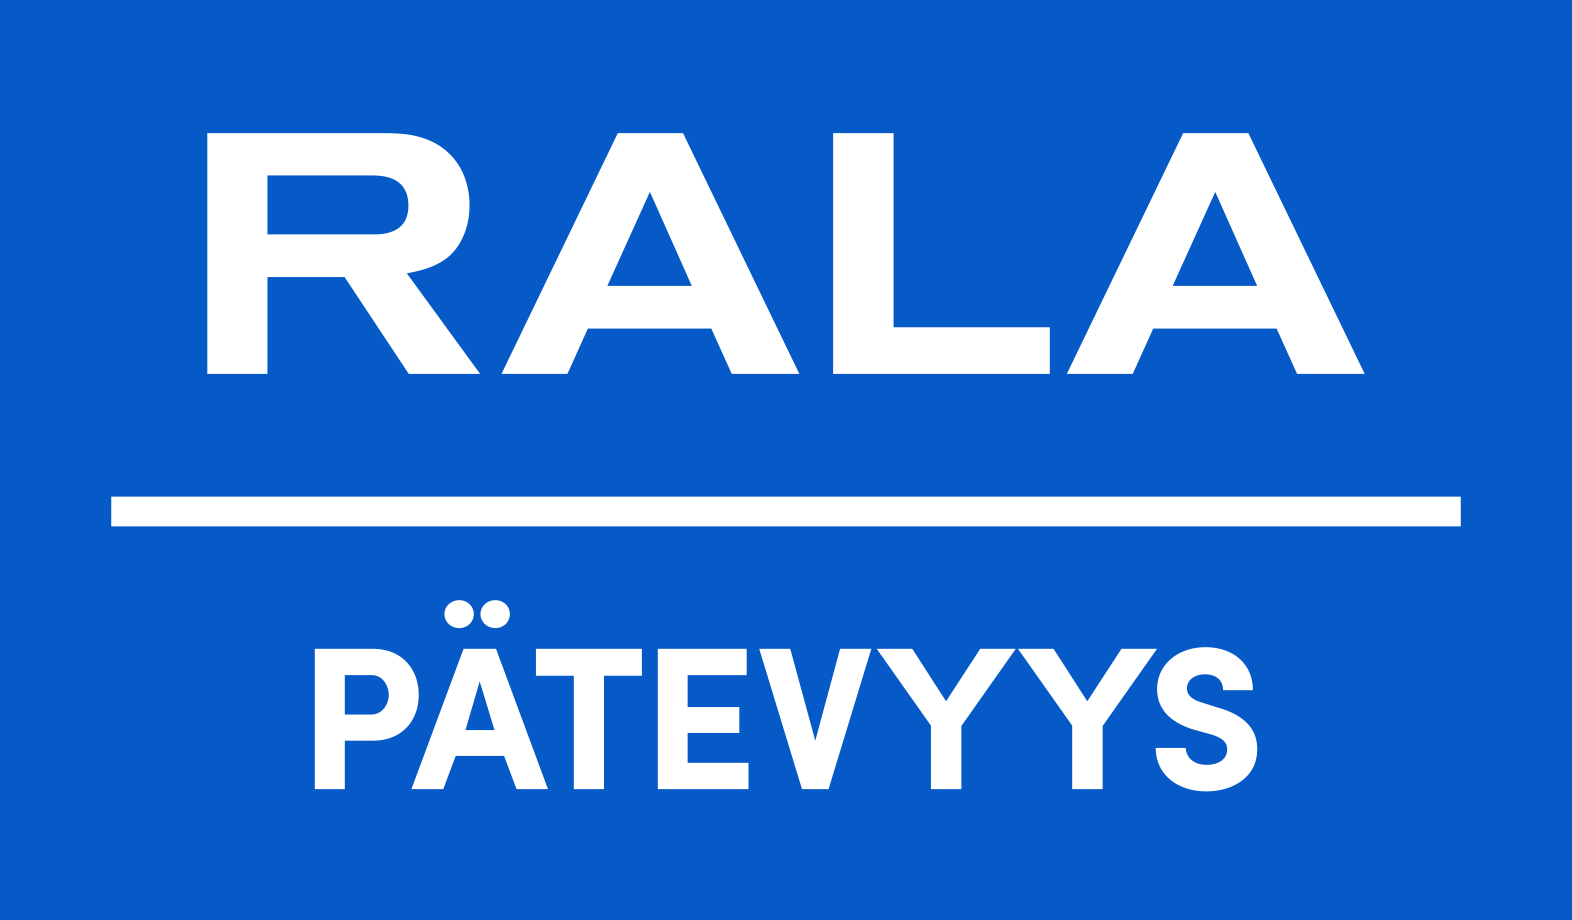 Tunnuskuvake linkki: Rajala Pätevyys yrityshaku -sivustolle.